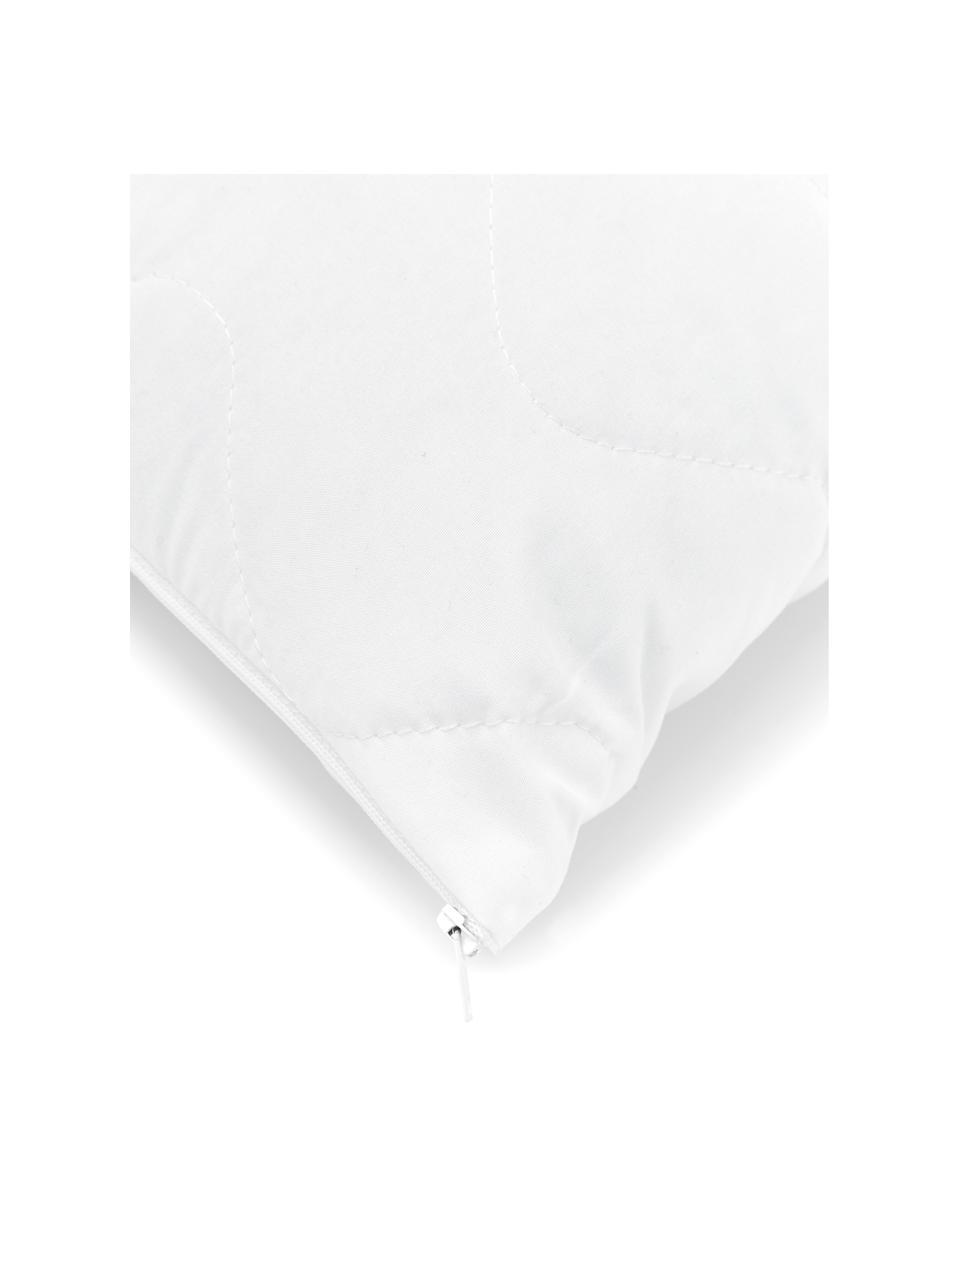 Wkład do poduszki Premium Sia, 45x45, Biały, S 45 x D 45 cm